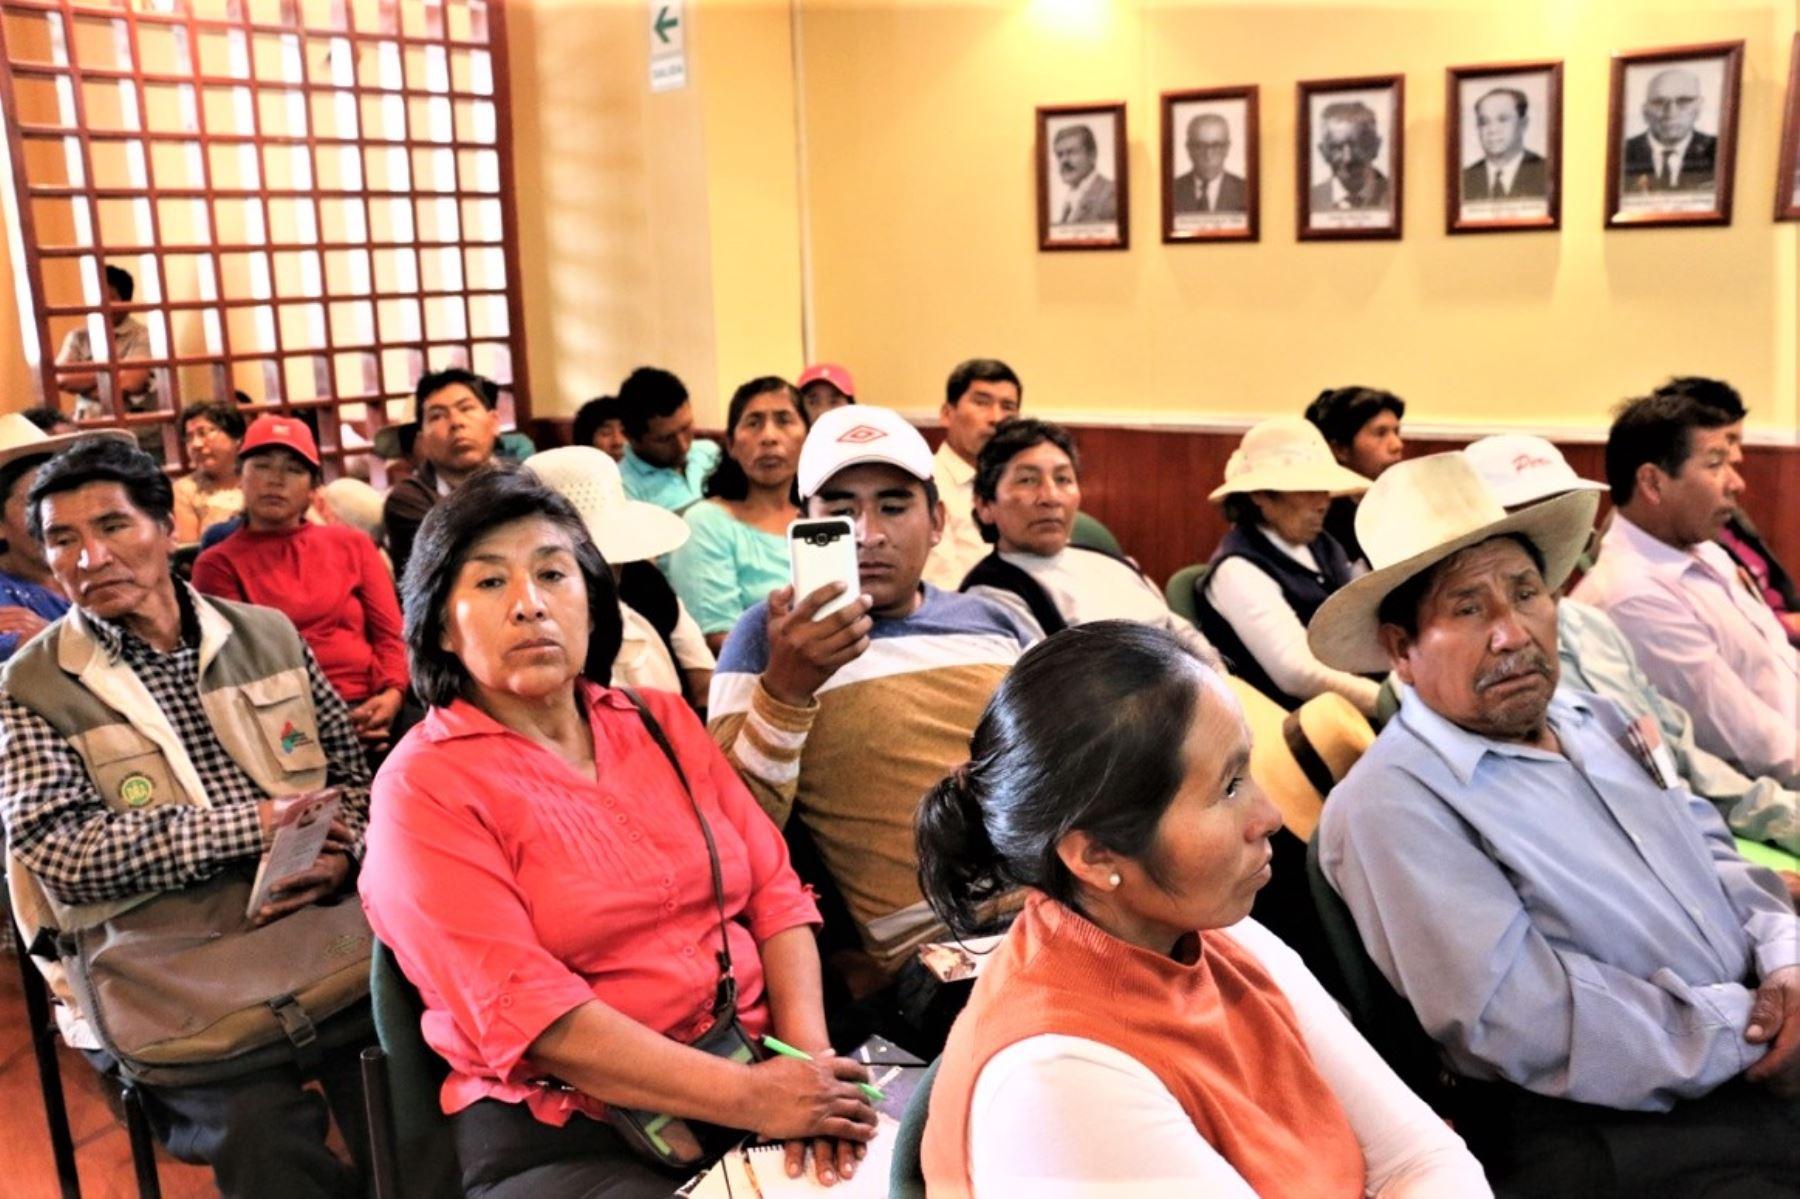 Dicho proyecto fue seleccionado a nivel nacional tras un concurso convocado por Fondoempleo.